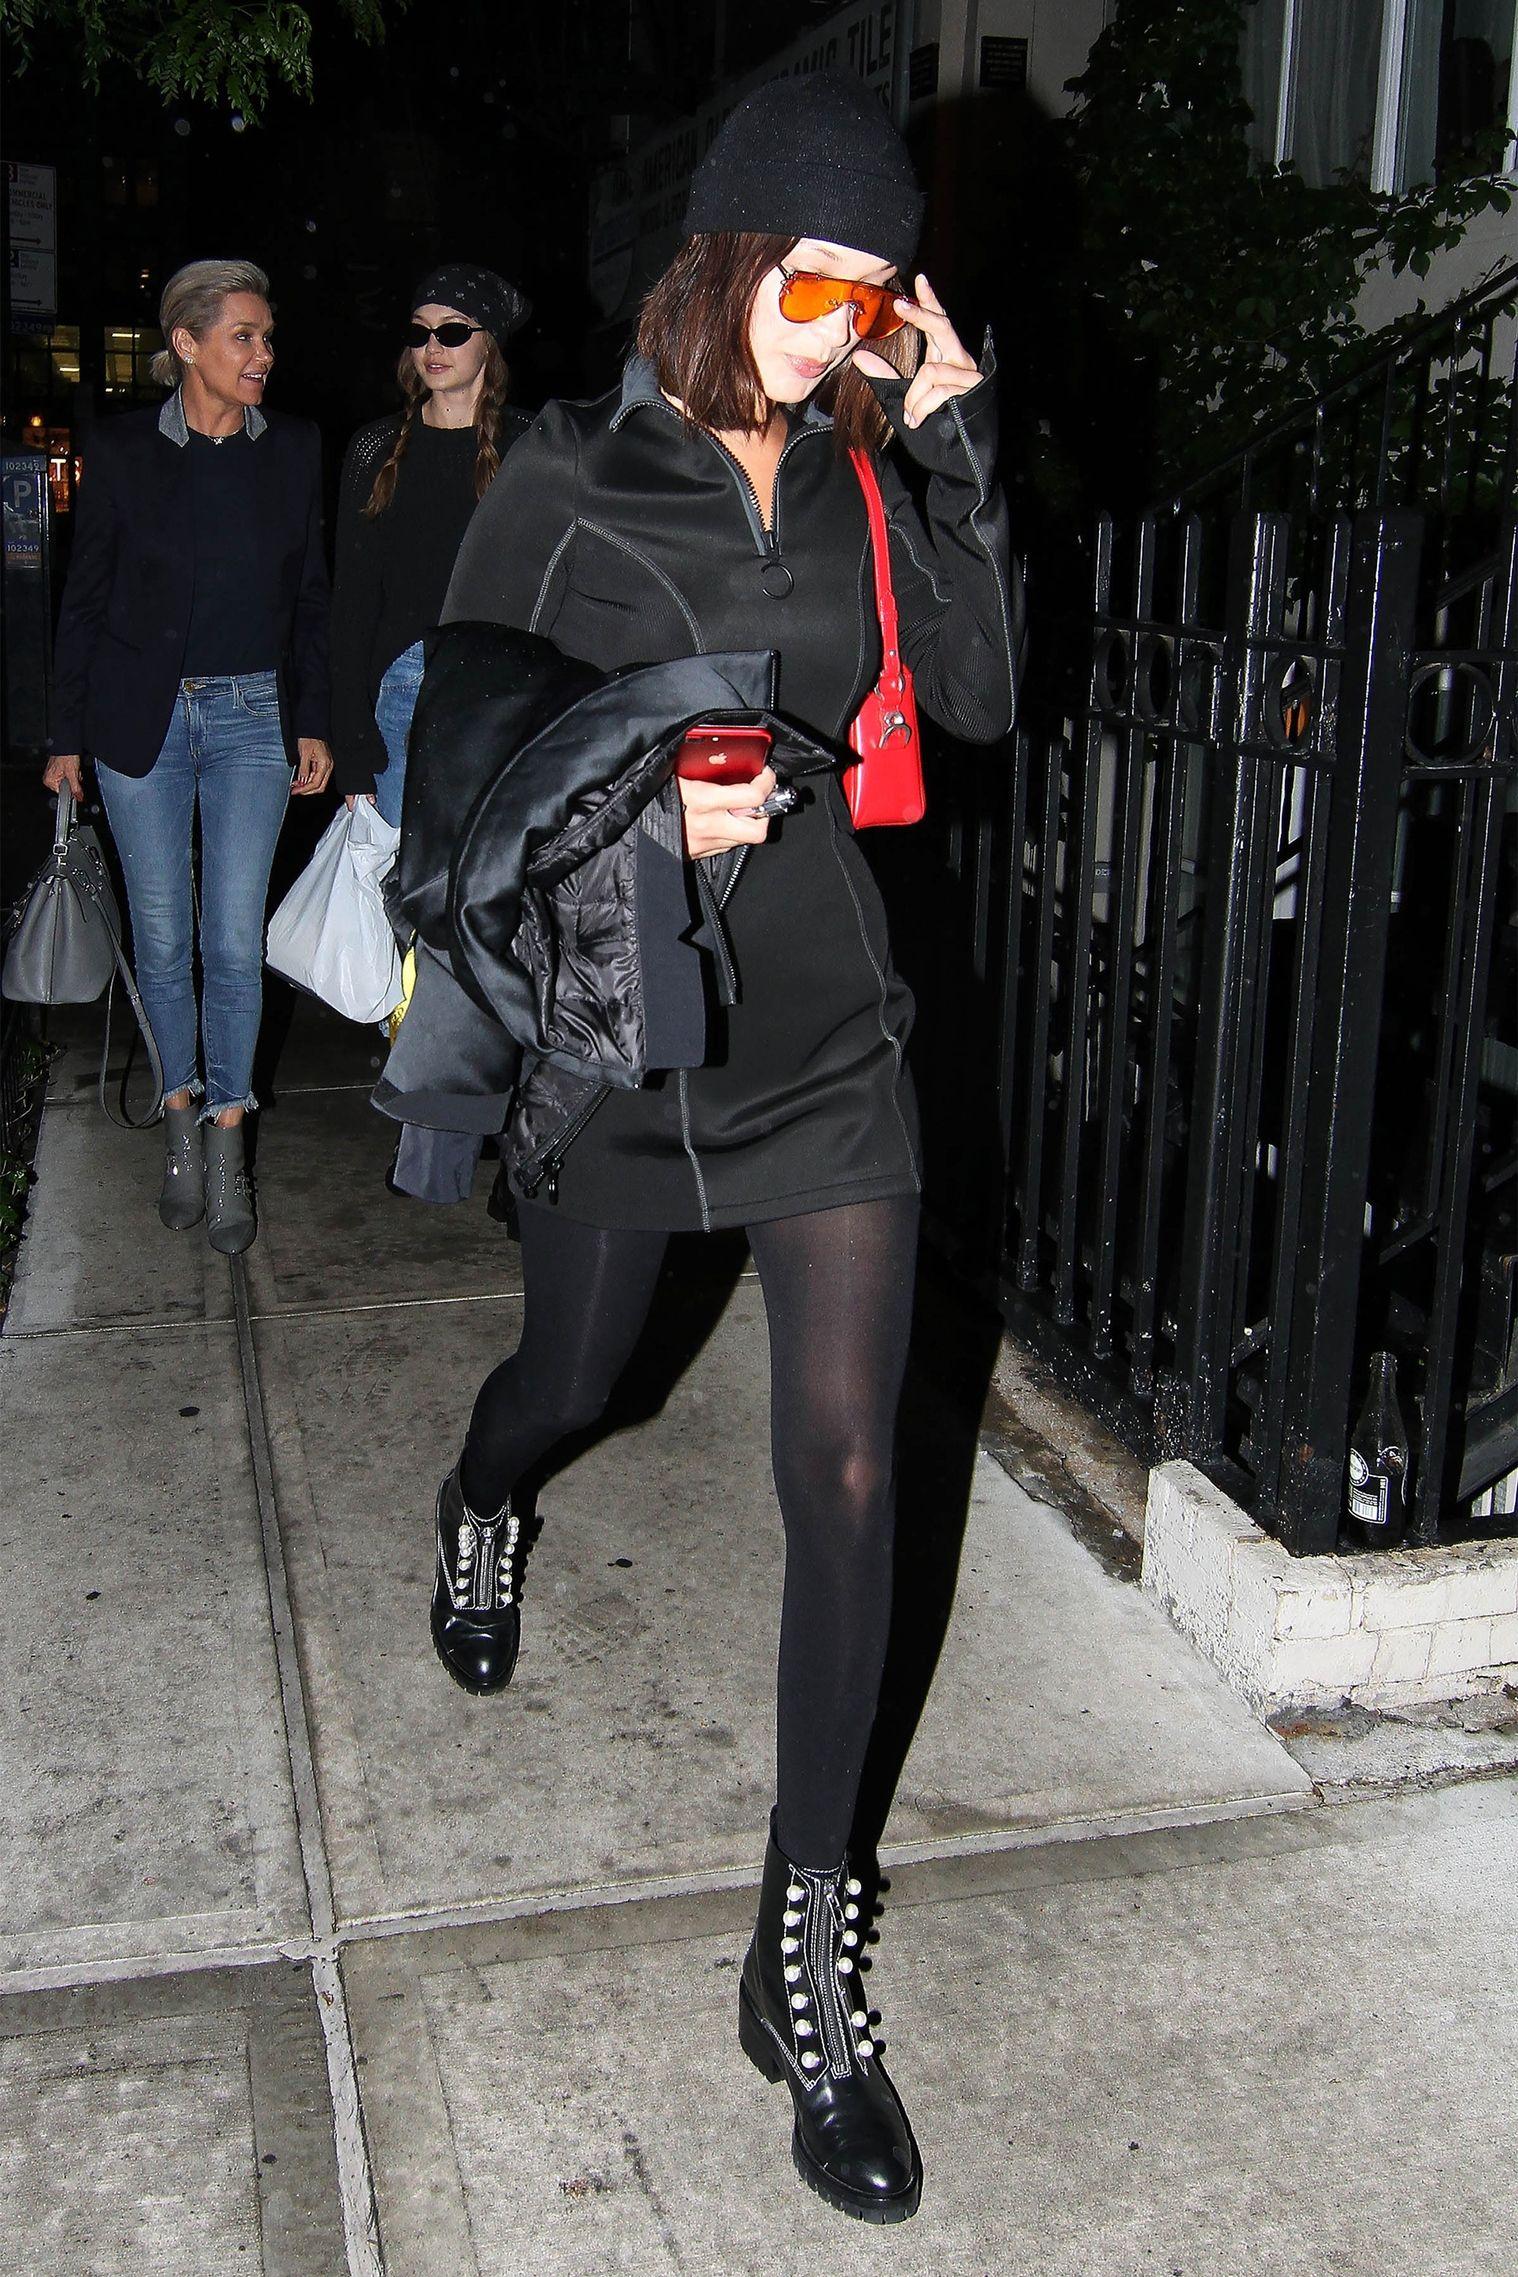 Mắt kính và túi xách màu nóng tạo nên sức cuốn hút đặc biệt cho set quần áo dạo phố đêm all-black của Bella.